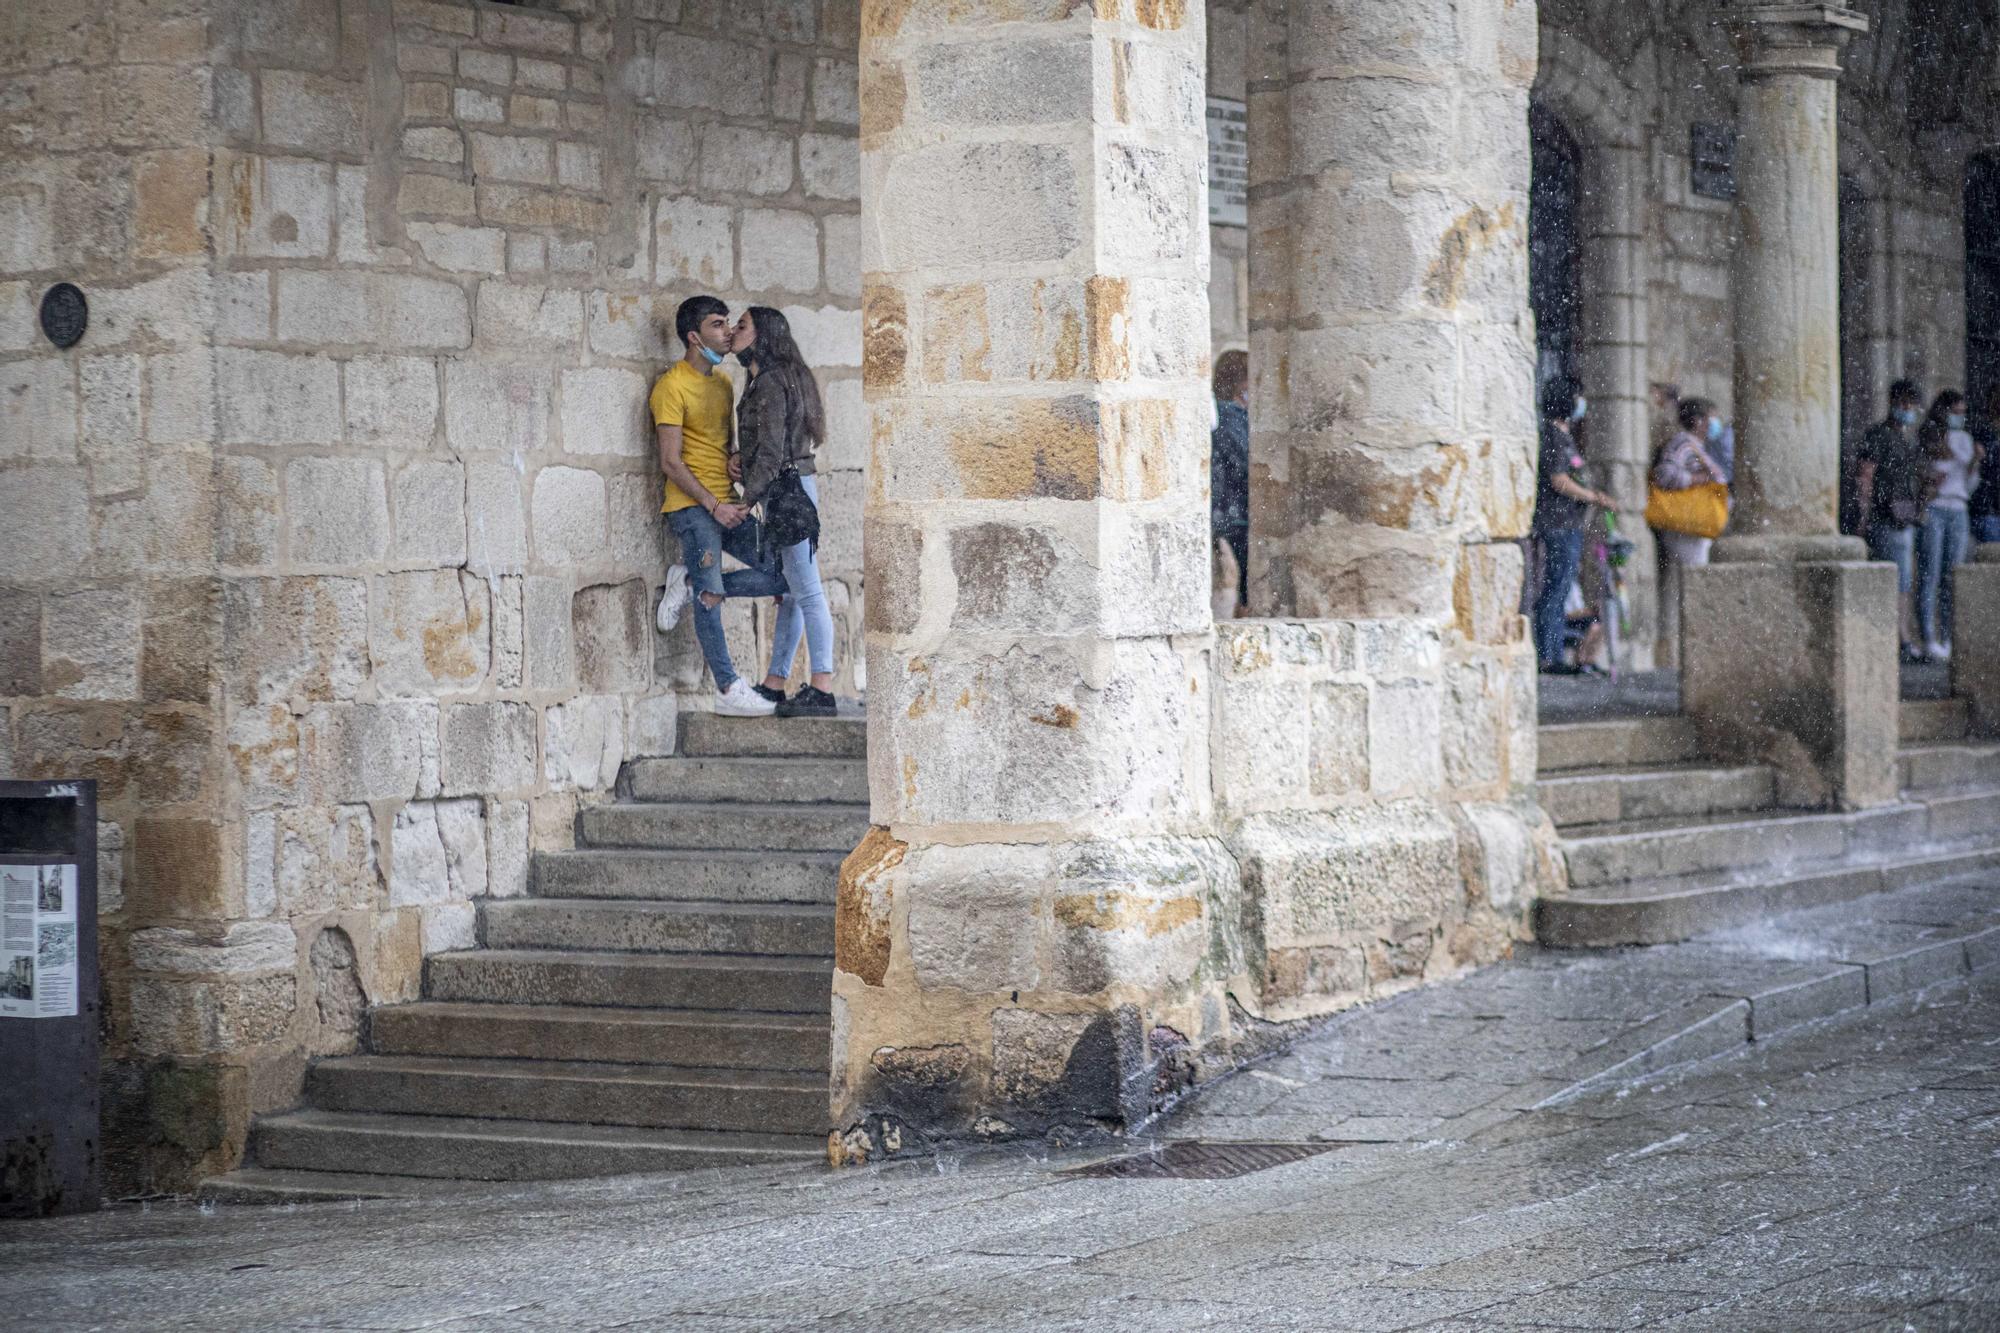 GALERÍA | Las imágenes que deja el chaparrón caído en Zamora